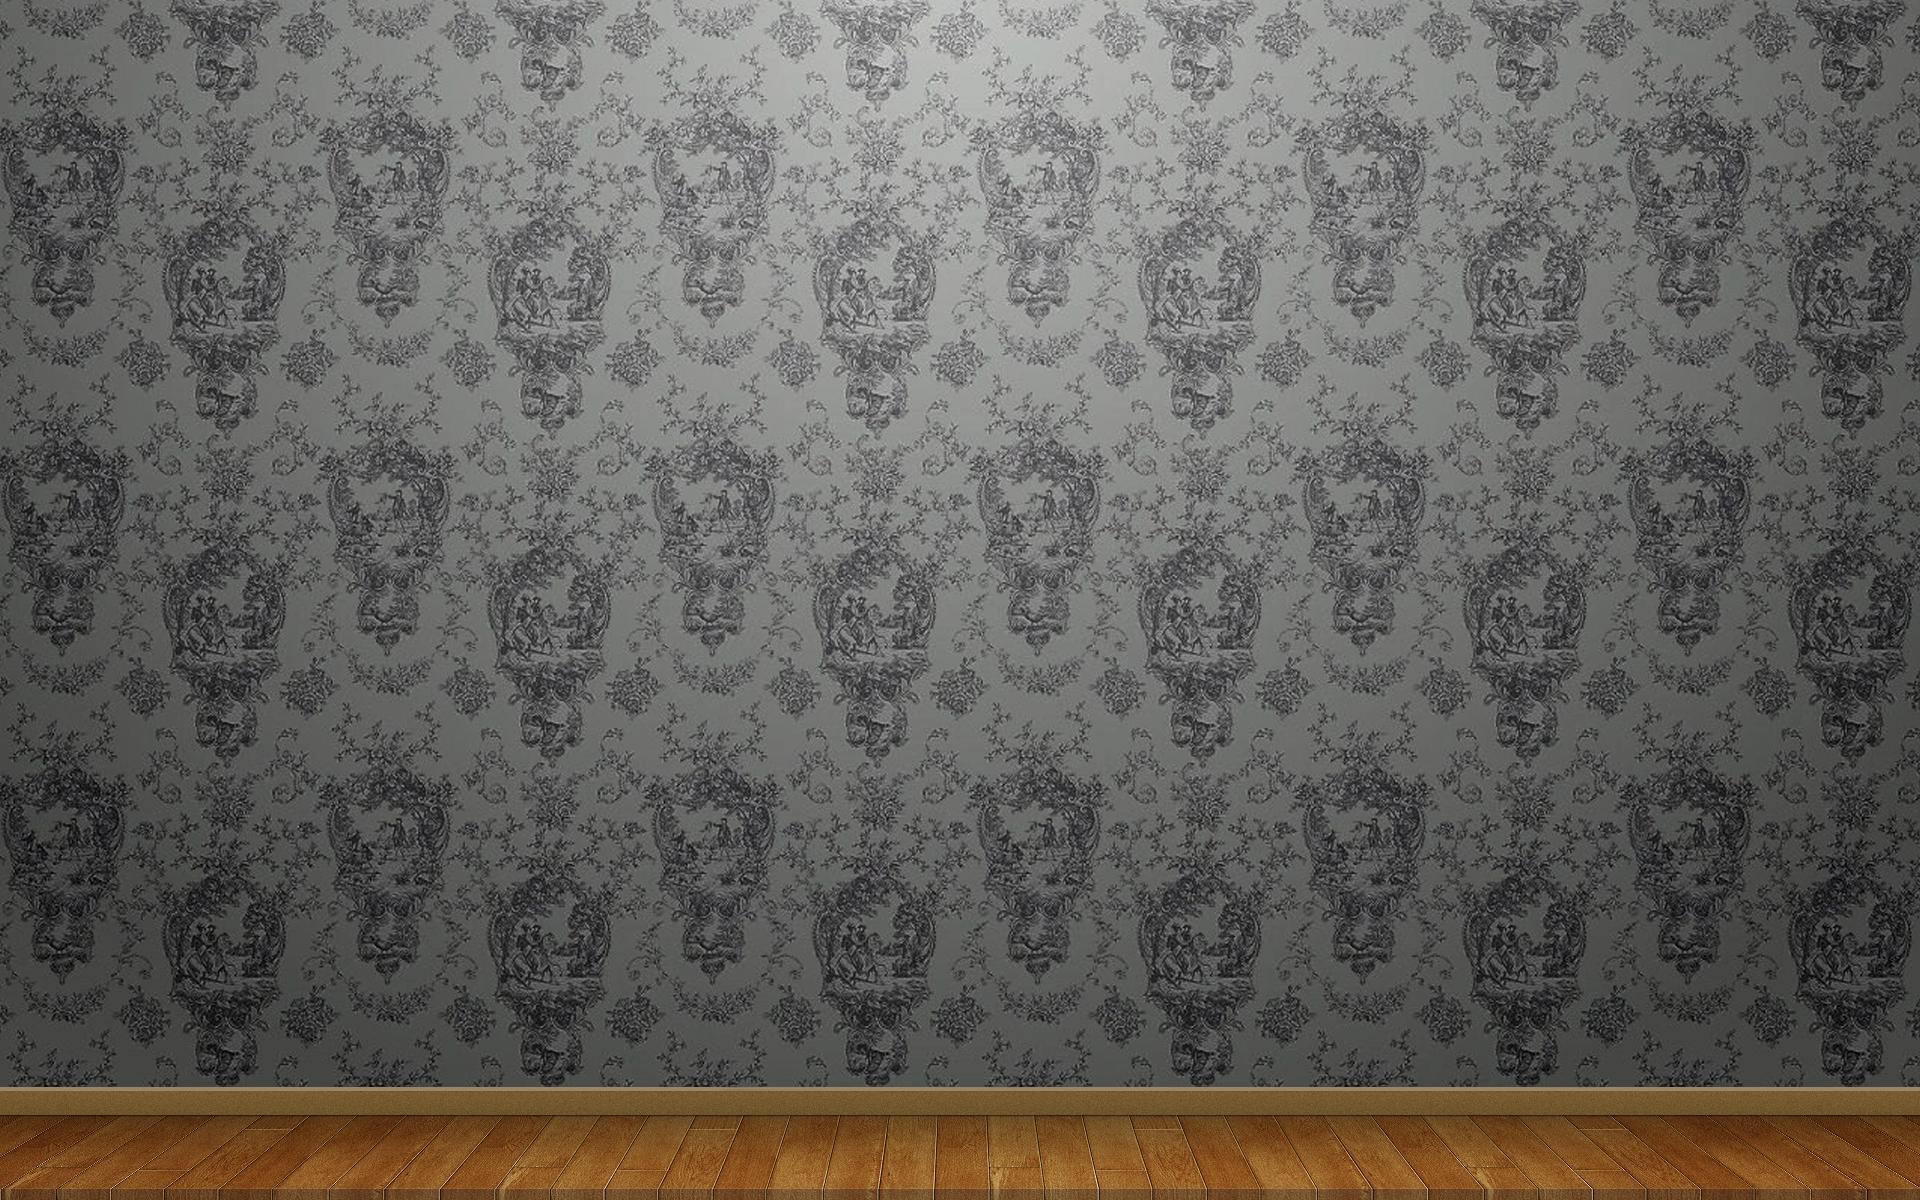 3d wall 02 desktop 1920x1200 wallpaper Wanted Wallpapers 1920x1200